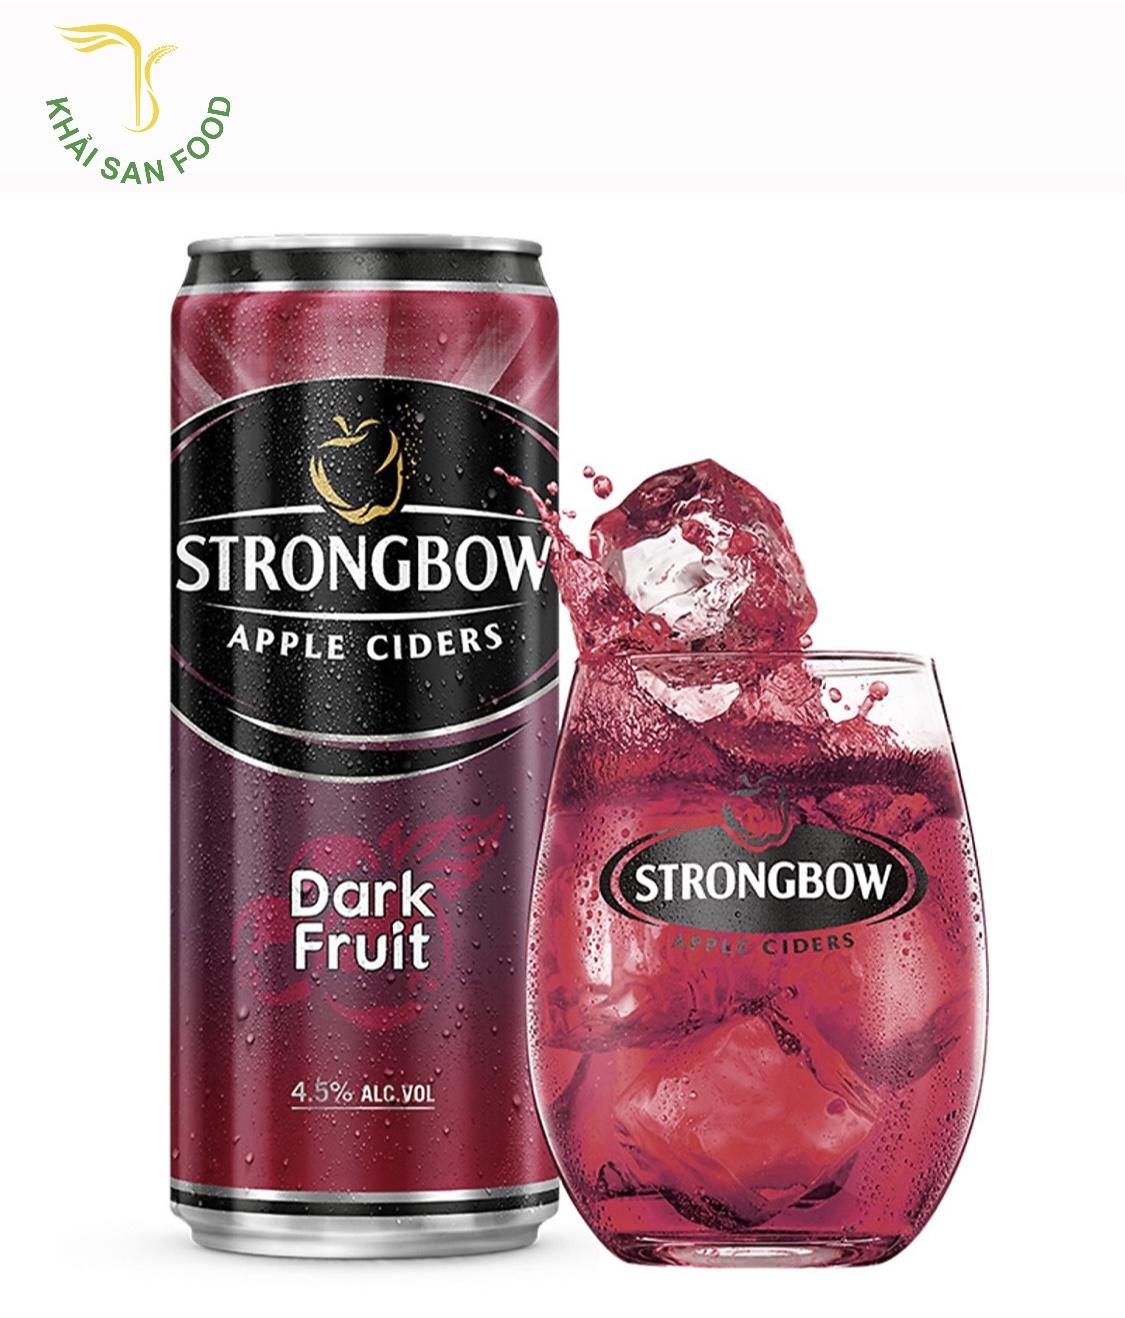 Strongbow dâu đen là hương vị phải nói là đột phá cũng là Strongbow giá sỉ cao nhất so với những vị còn lại.